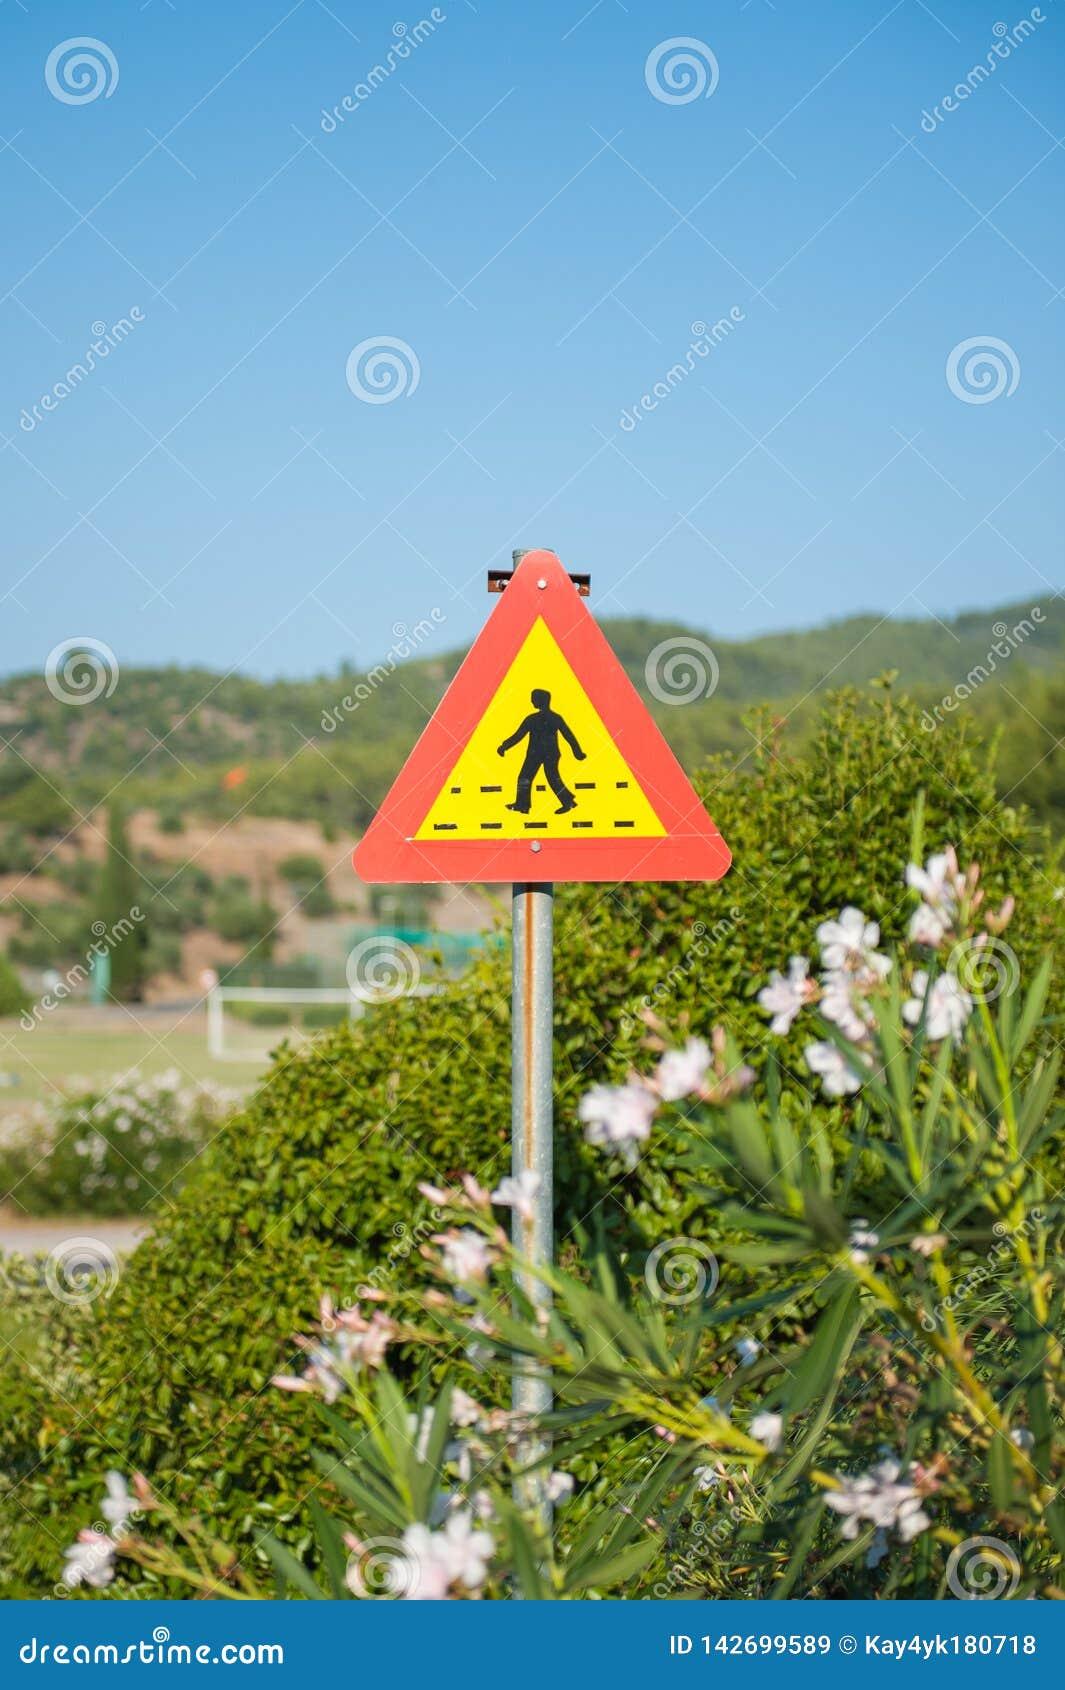 Κίτρινος-κόκκινο σημάδι για τους πεζούς περάσματος Οδικό σημάδι 151 στη Φινλανδία - για τους πεζούς πέρασμα